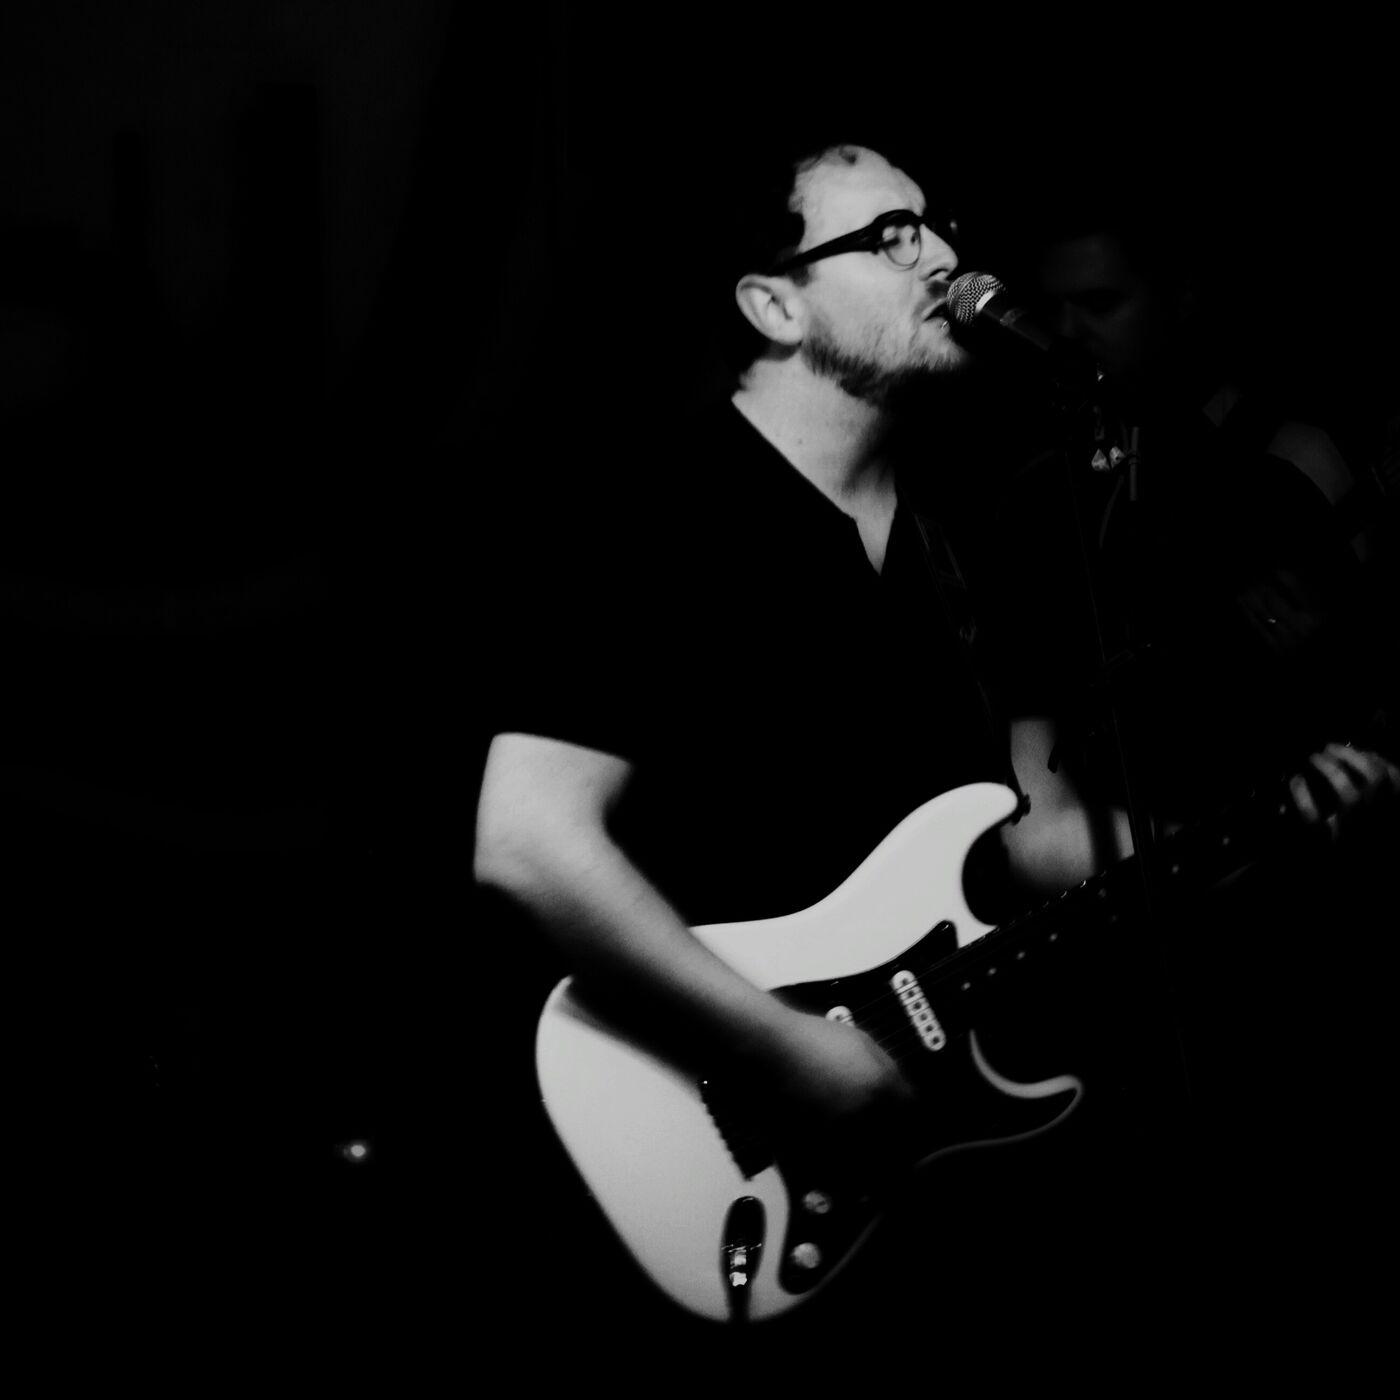 [Bonus] Music Mashtun, Jesse Gimbel performs Down River!